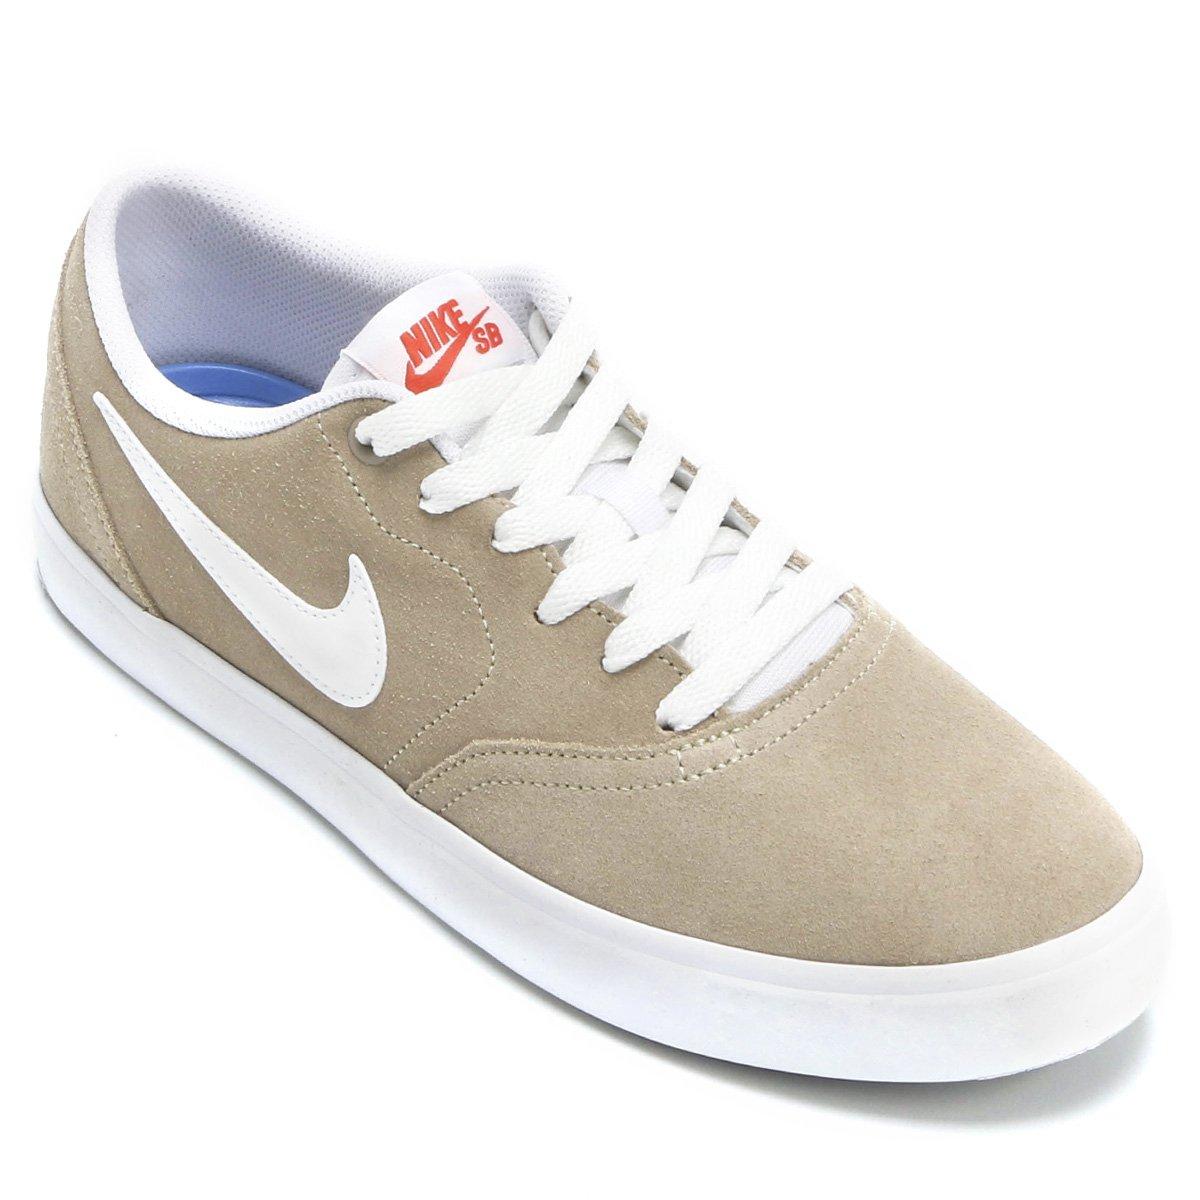 Tênis Nike Sb Check Solar Masculino - Bege e Branco - Compre Agora ... 7497af0a5de